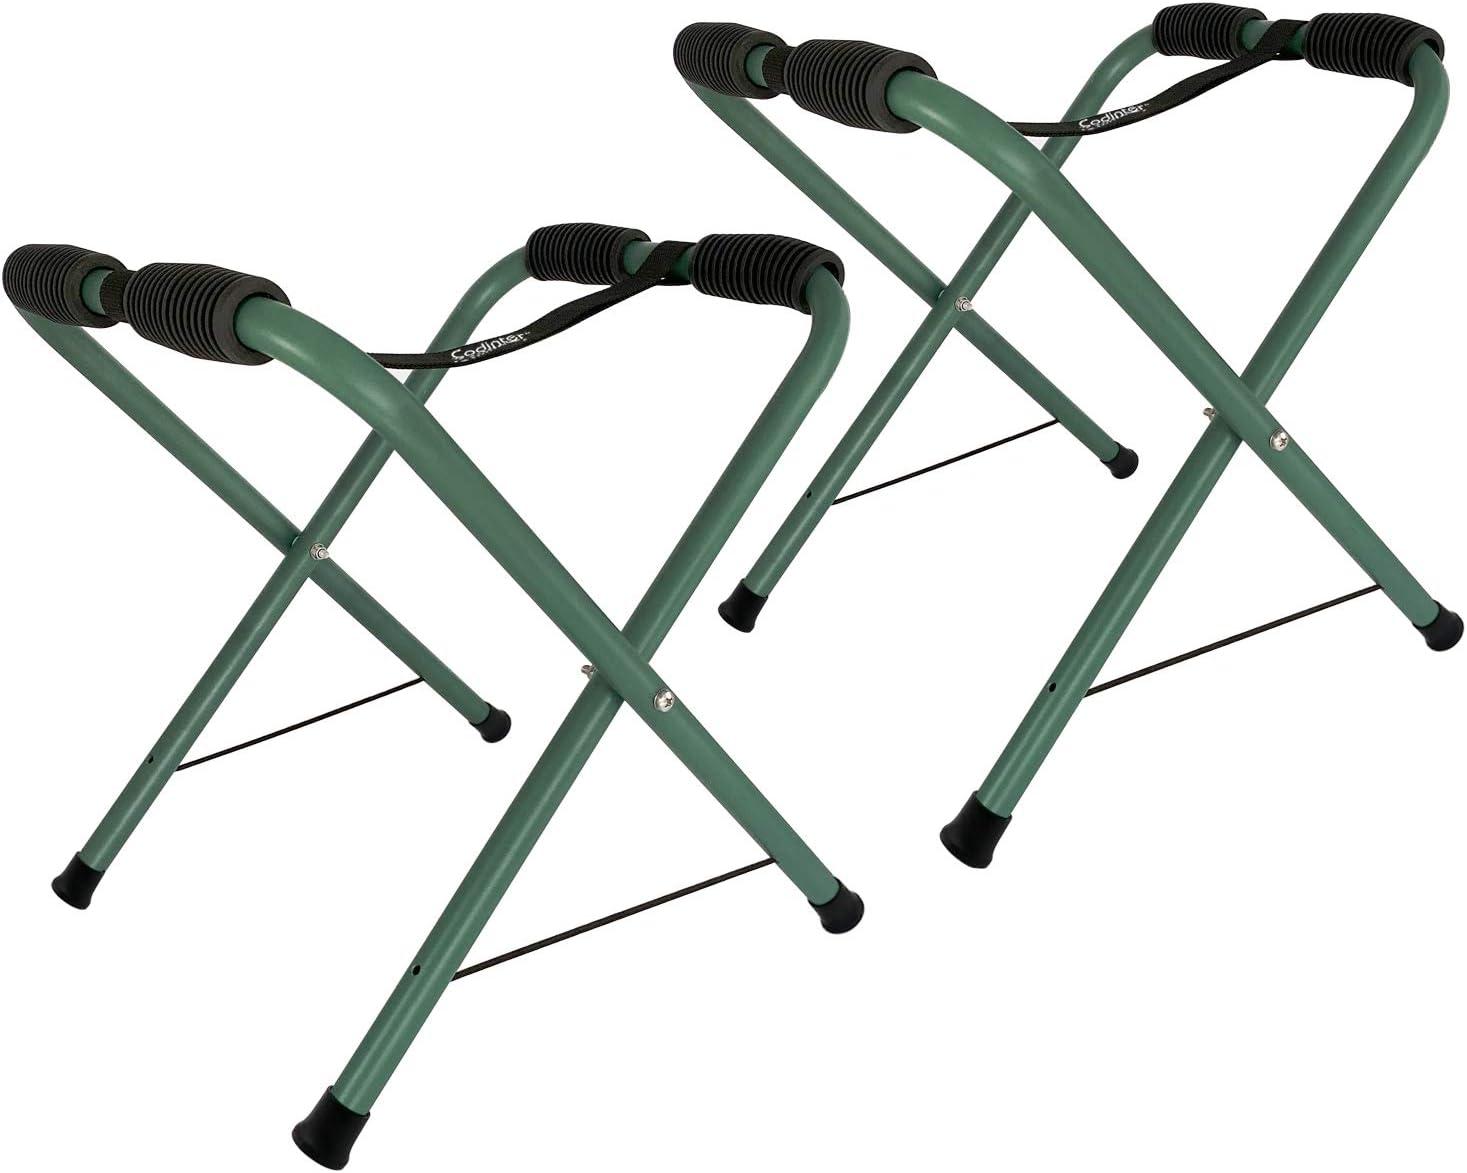 Codinter Kayak Stand, Aluminum Standing Rack for Canoe Boat Surfboard Indoor Outdoor Portable Storage - Green